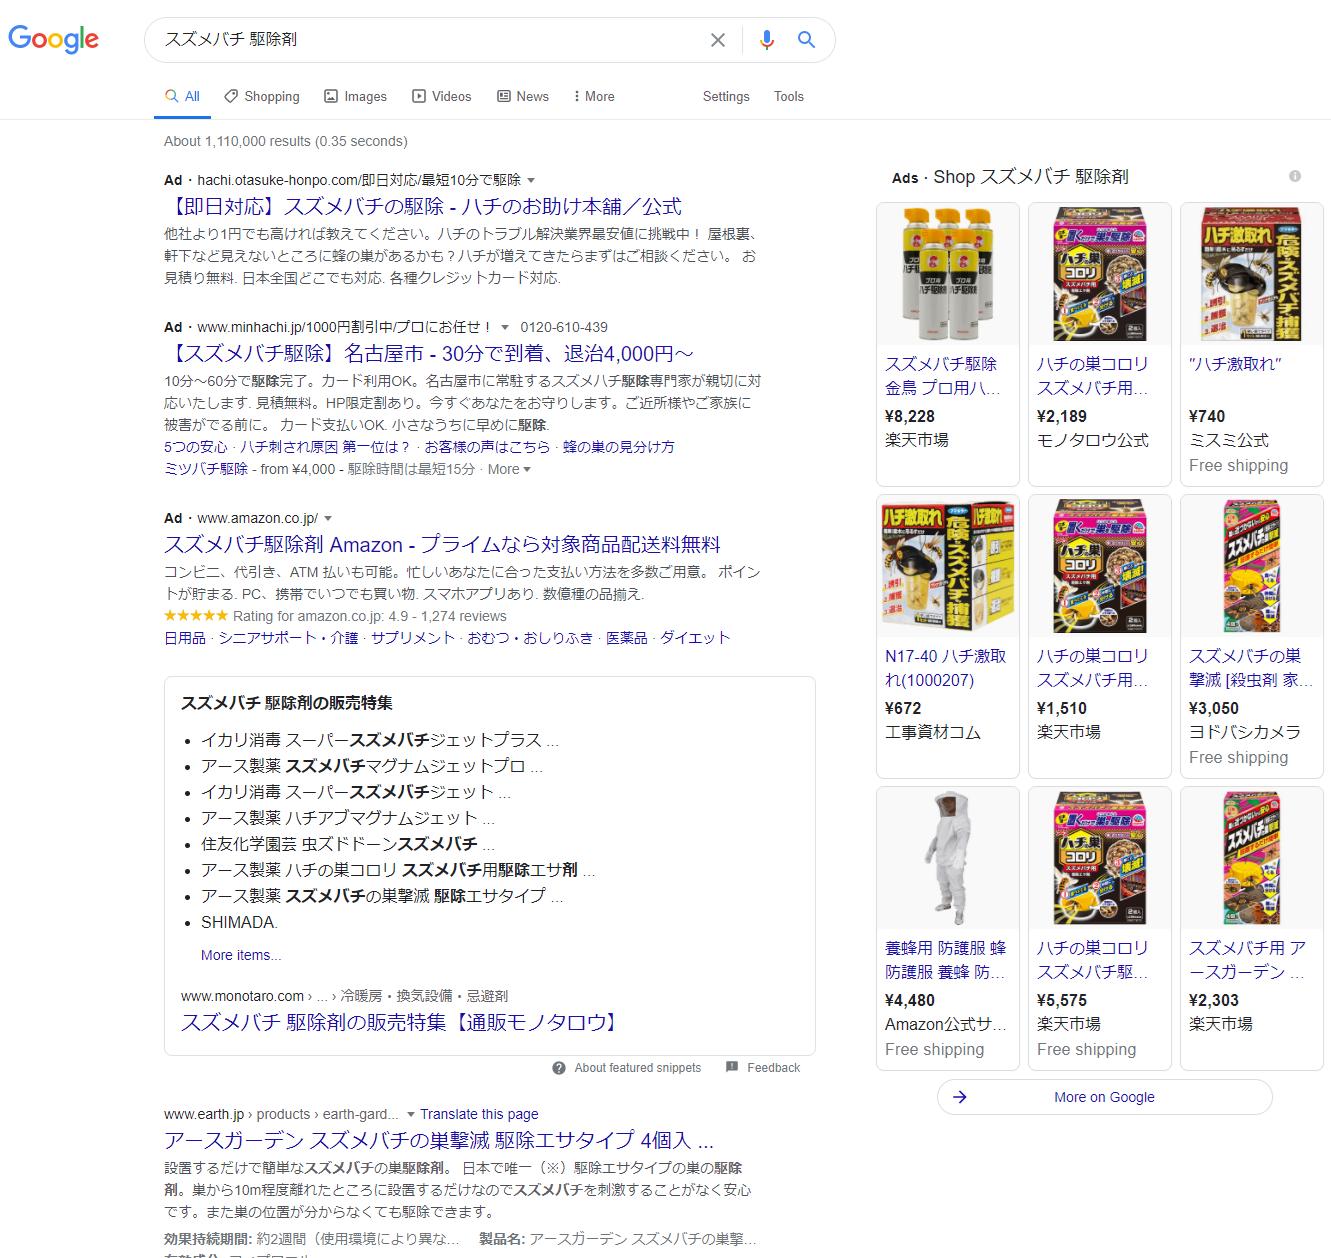 「スズメバチ 駆除剤」のGoogle検索結果